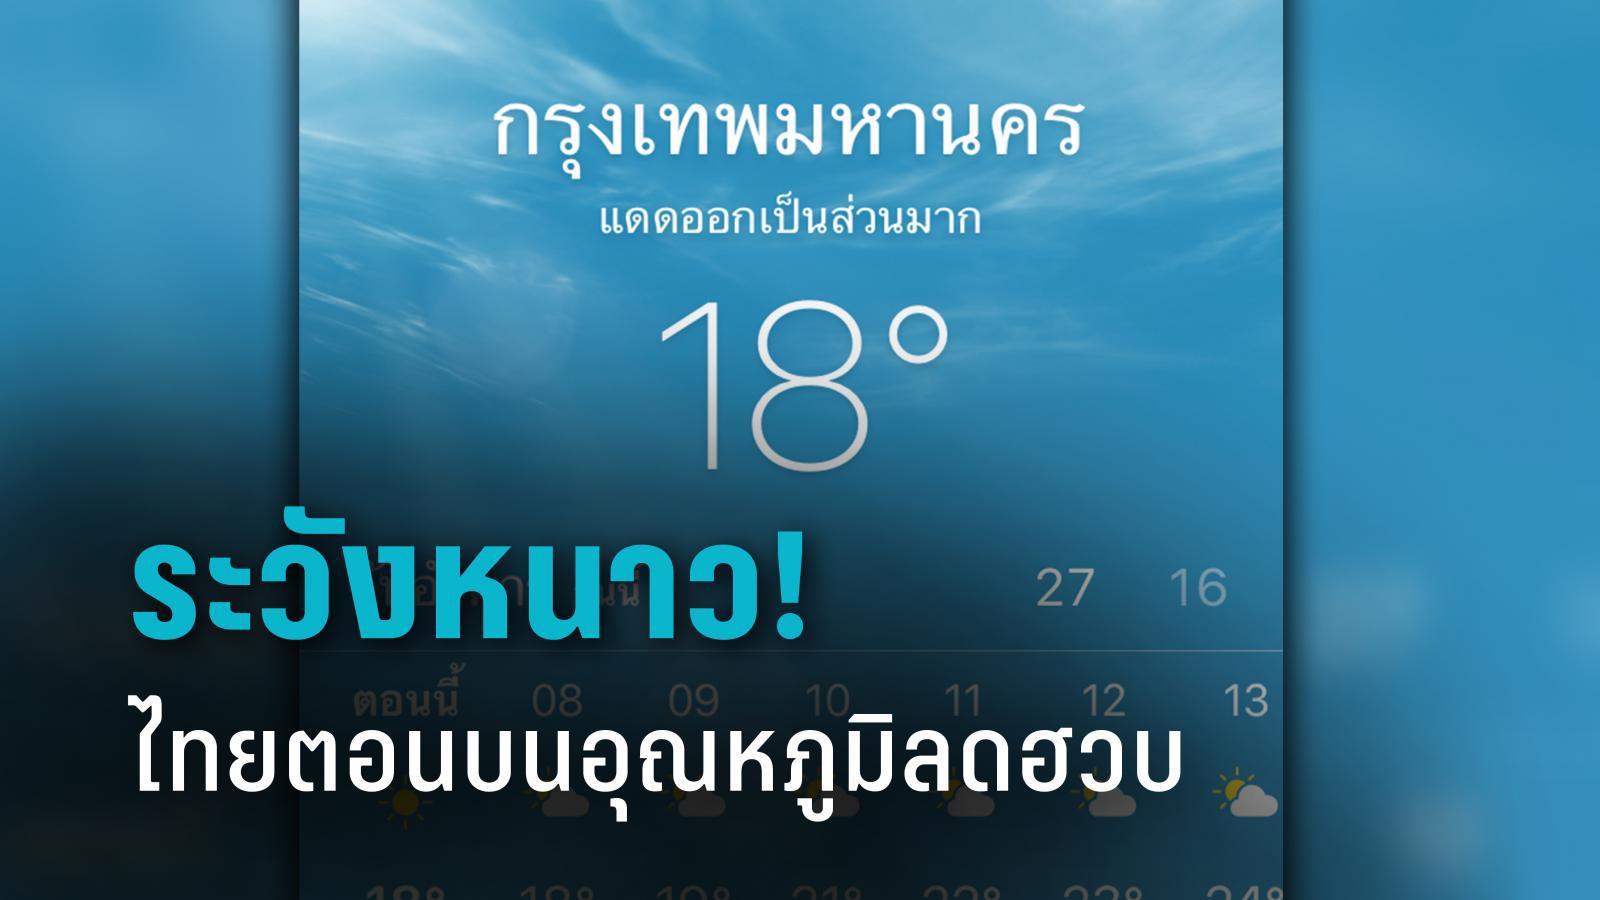 อุณหภูมิลดฮวบ! ไทยตอนบนหนาว ยอดดอย-ยอดภูมีน้ำค้างแข็ง กทม.ต่ำสุด 16-18 องศา